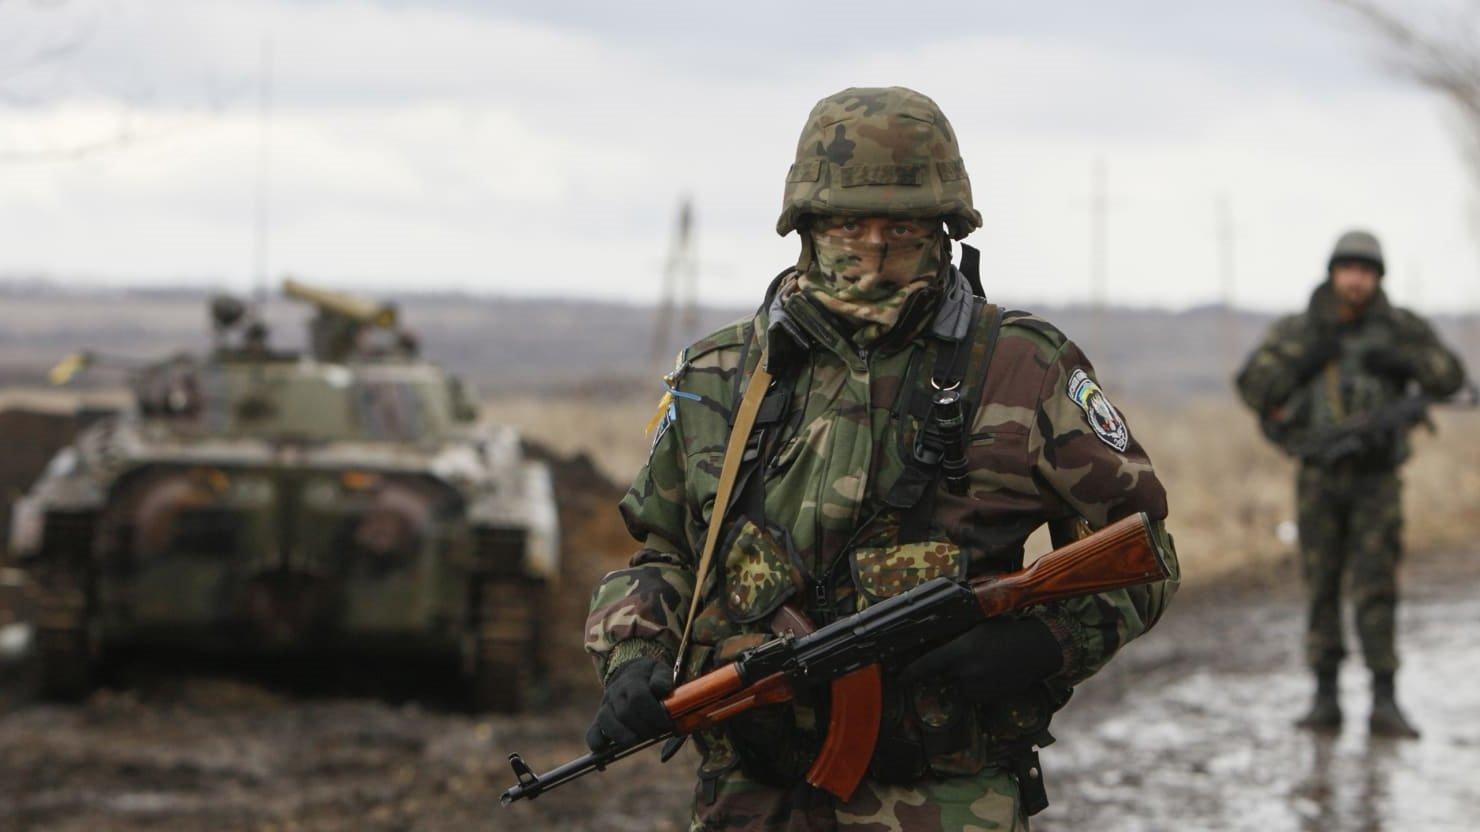 Σε κατάσταση πολέμου κηρύσσει την Ουκρανία ο Ποροσένκο! – Μόσχα: «Είσαι γκάνγκστερ» – Ηχητικό ντοκουμέντο από την σύρραξη στο Κερτς